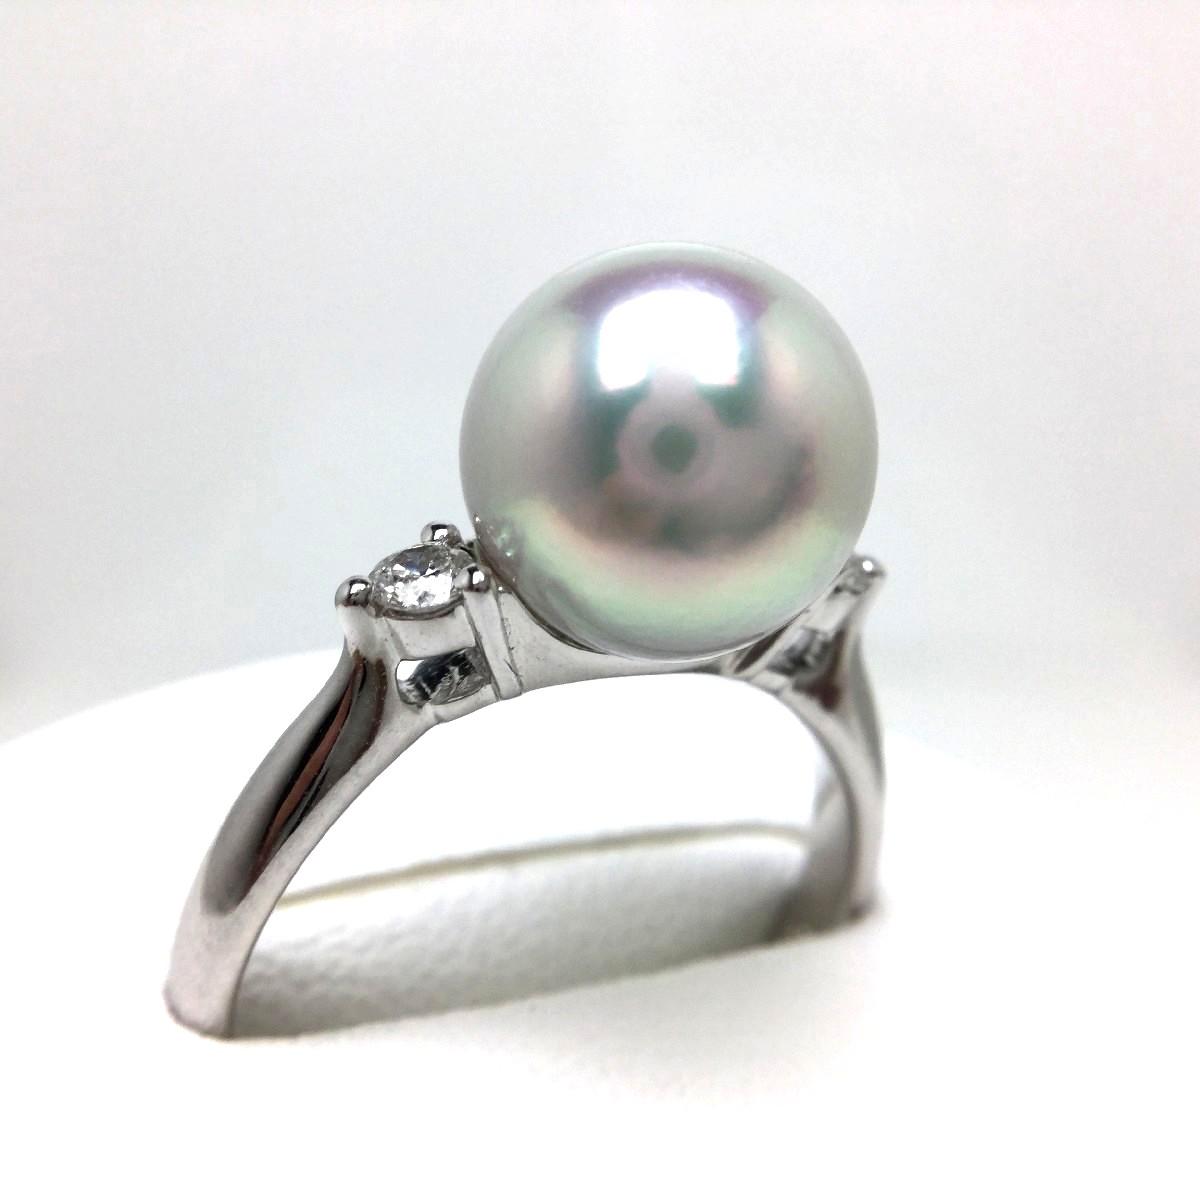 真珠 リング パール オーロラ・真多麻 アコヤ真珠 9.0mm ホワイトシルバーブルー(ナチュラル) Pt900 プラチナ ダイヤ 0.10ct 65523 イソワパール